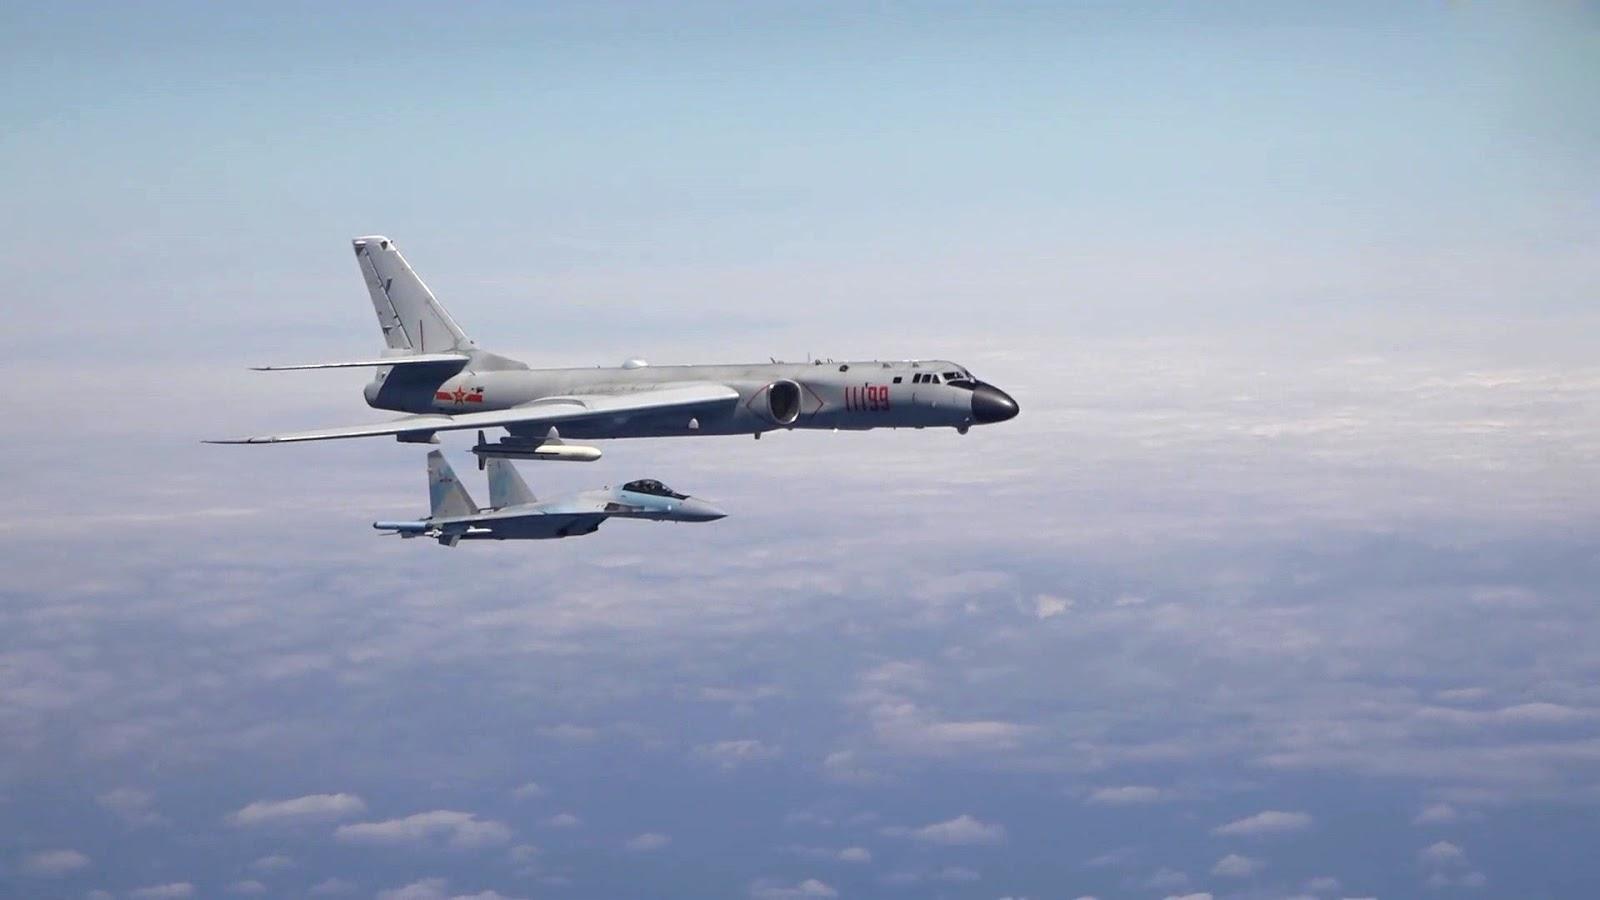 Боевая служба китайских дальних бомбардировщиков